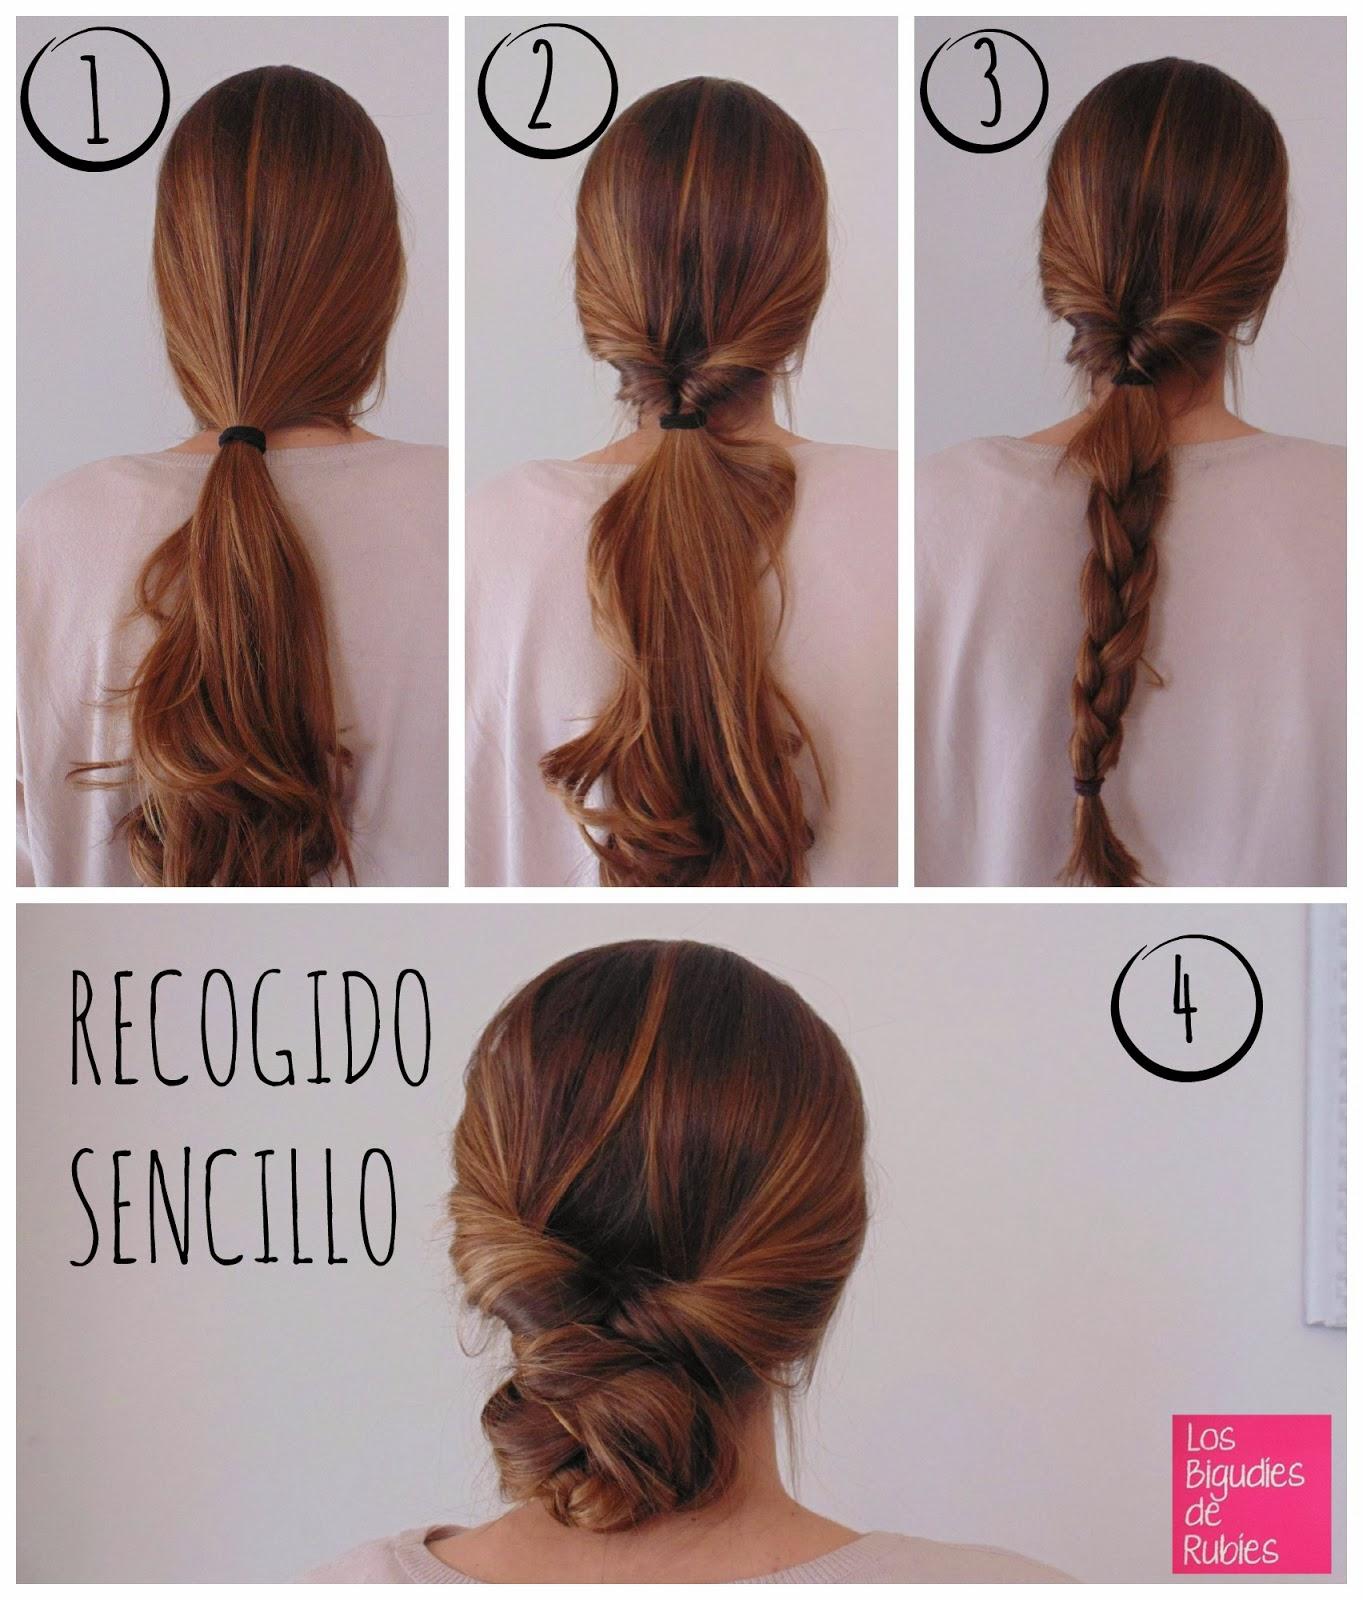 Instrucciones peinados bajos Fotos de las tendencias de color de pelo - Trenzas&Gins: ...Y YO CON ESTOS PELOS!